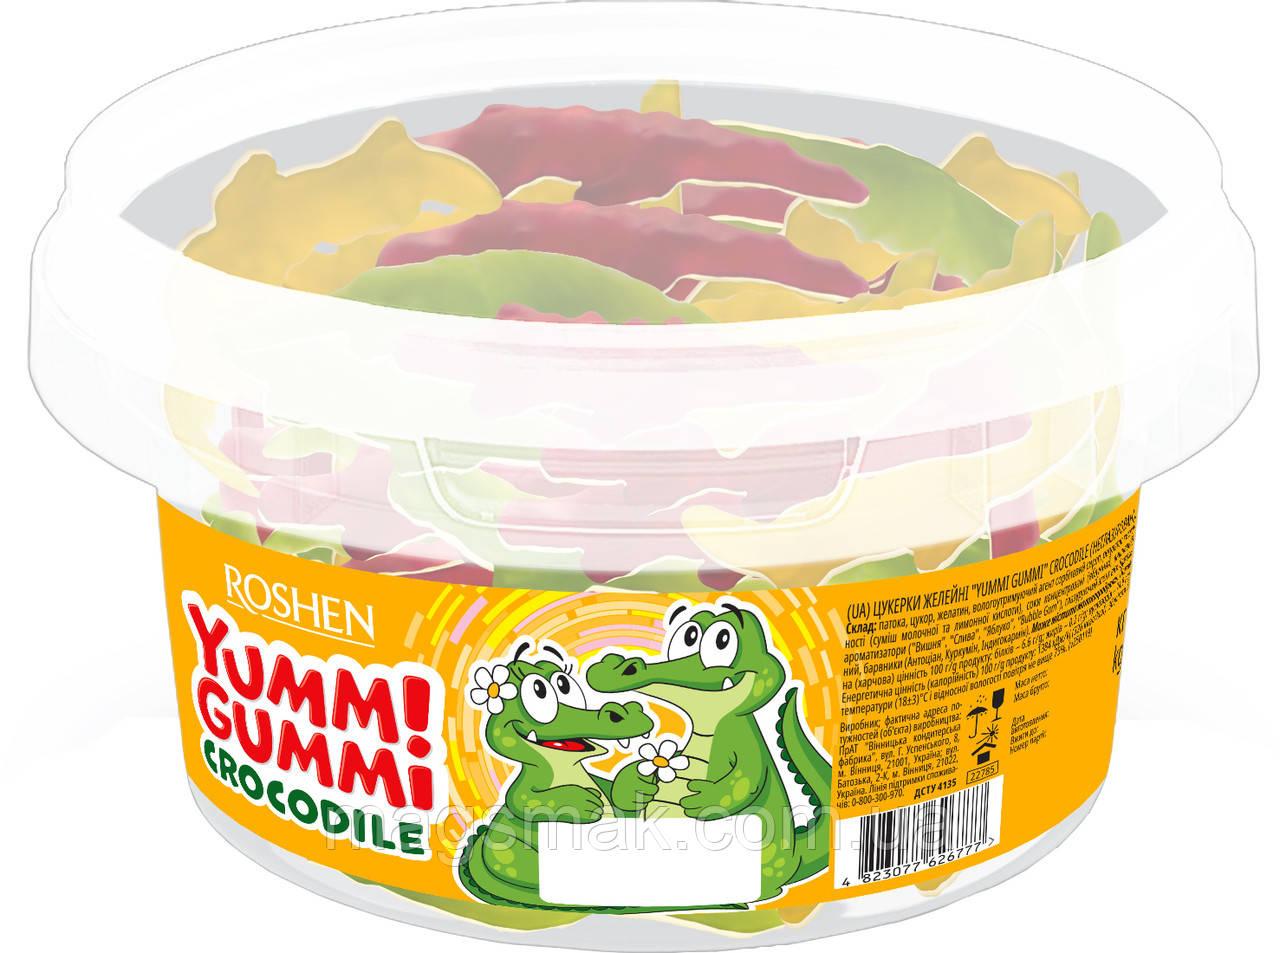 Конфеты жевательные  Yummi Gummi Crocodile Рошен 1.5 кг